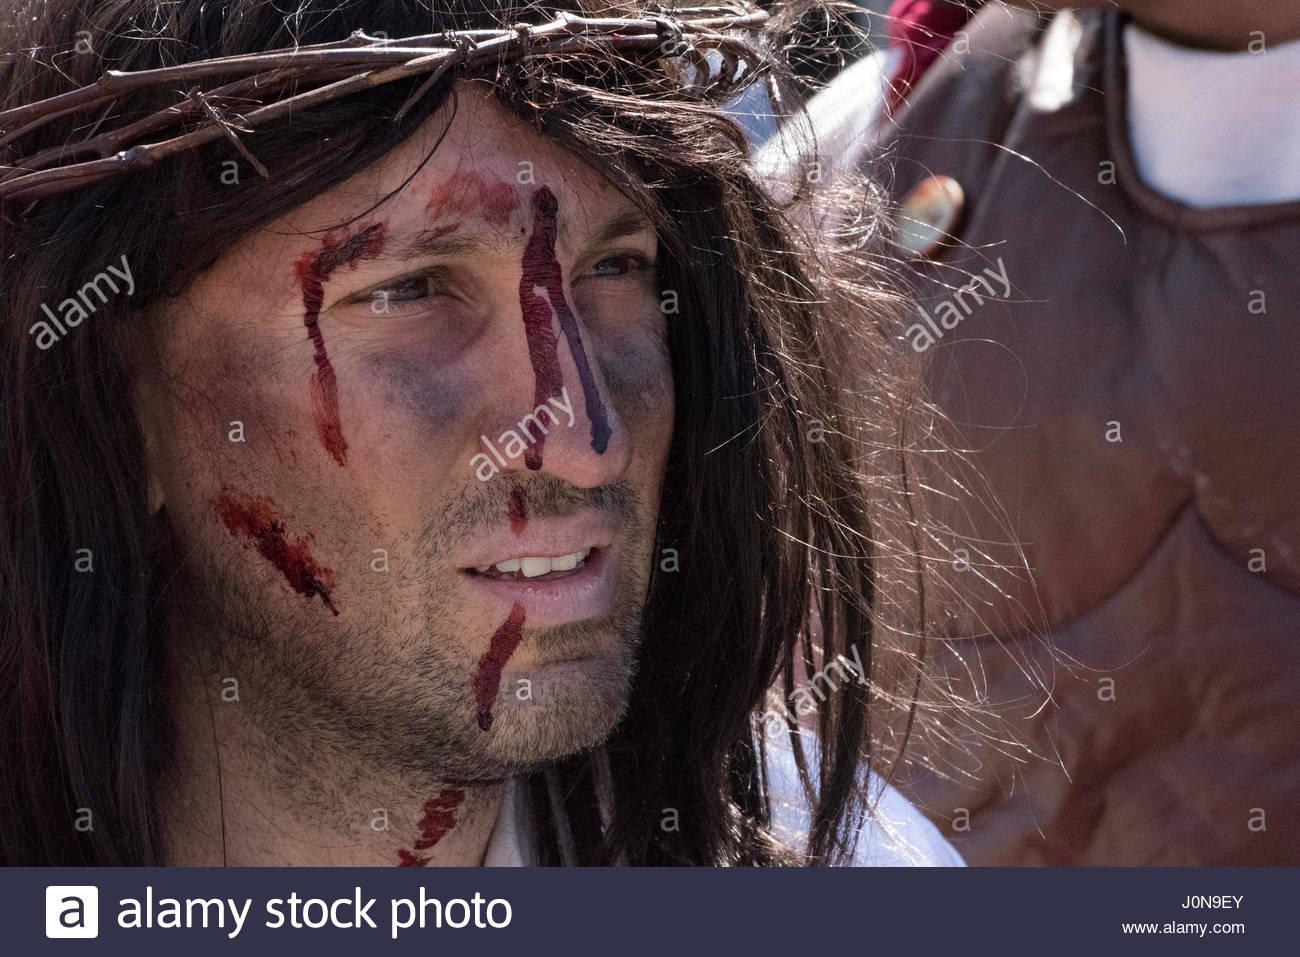 Toronto Canadá 14 Abr 2017 Interpretación De Jesús Con Corona De